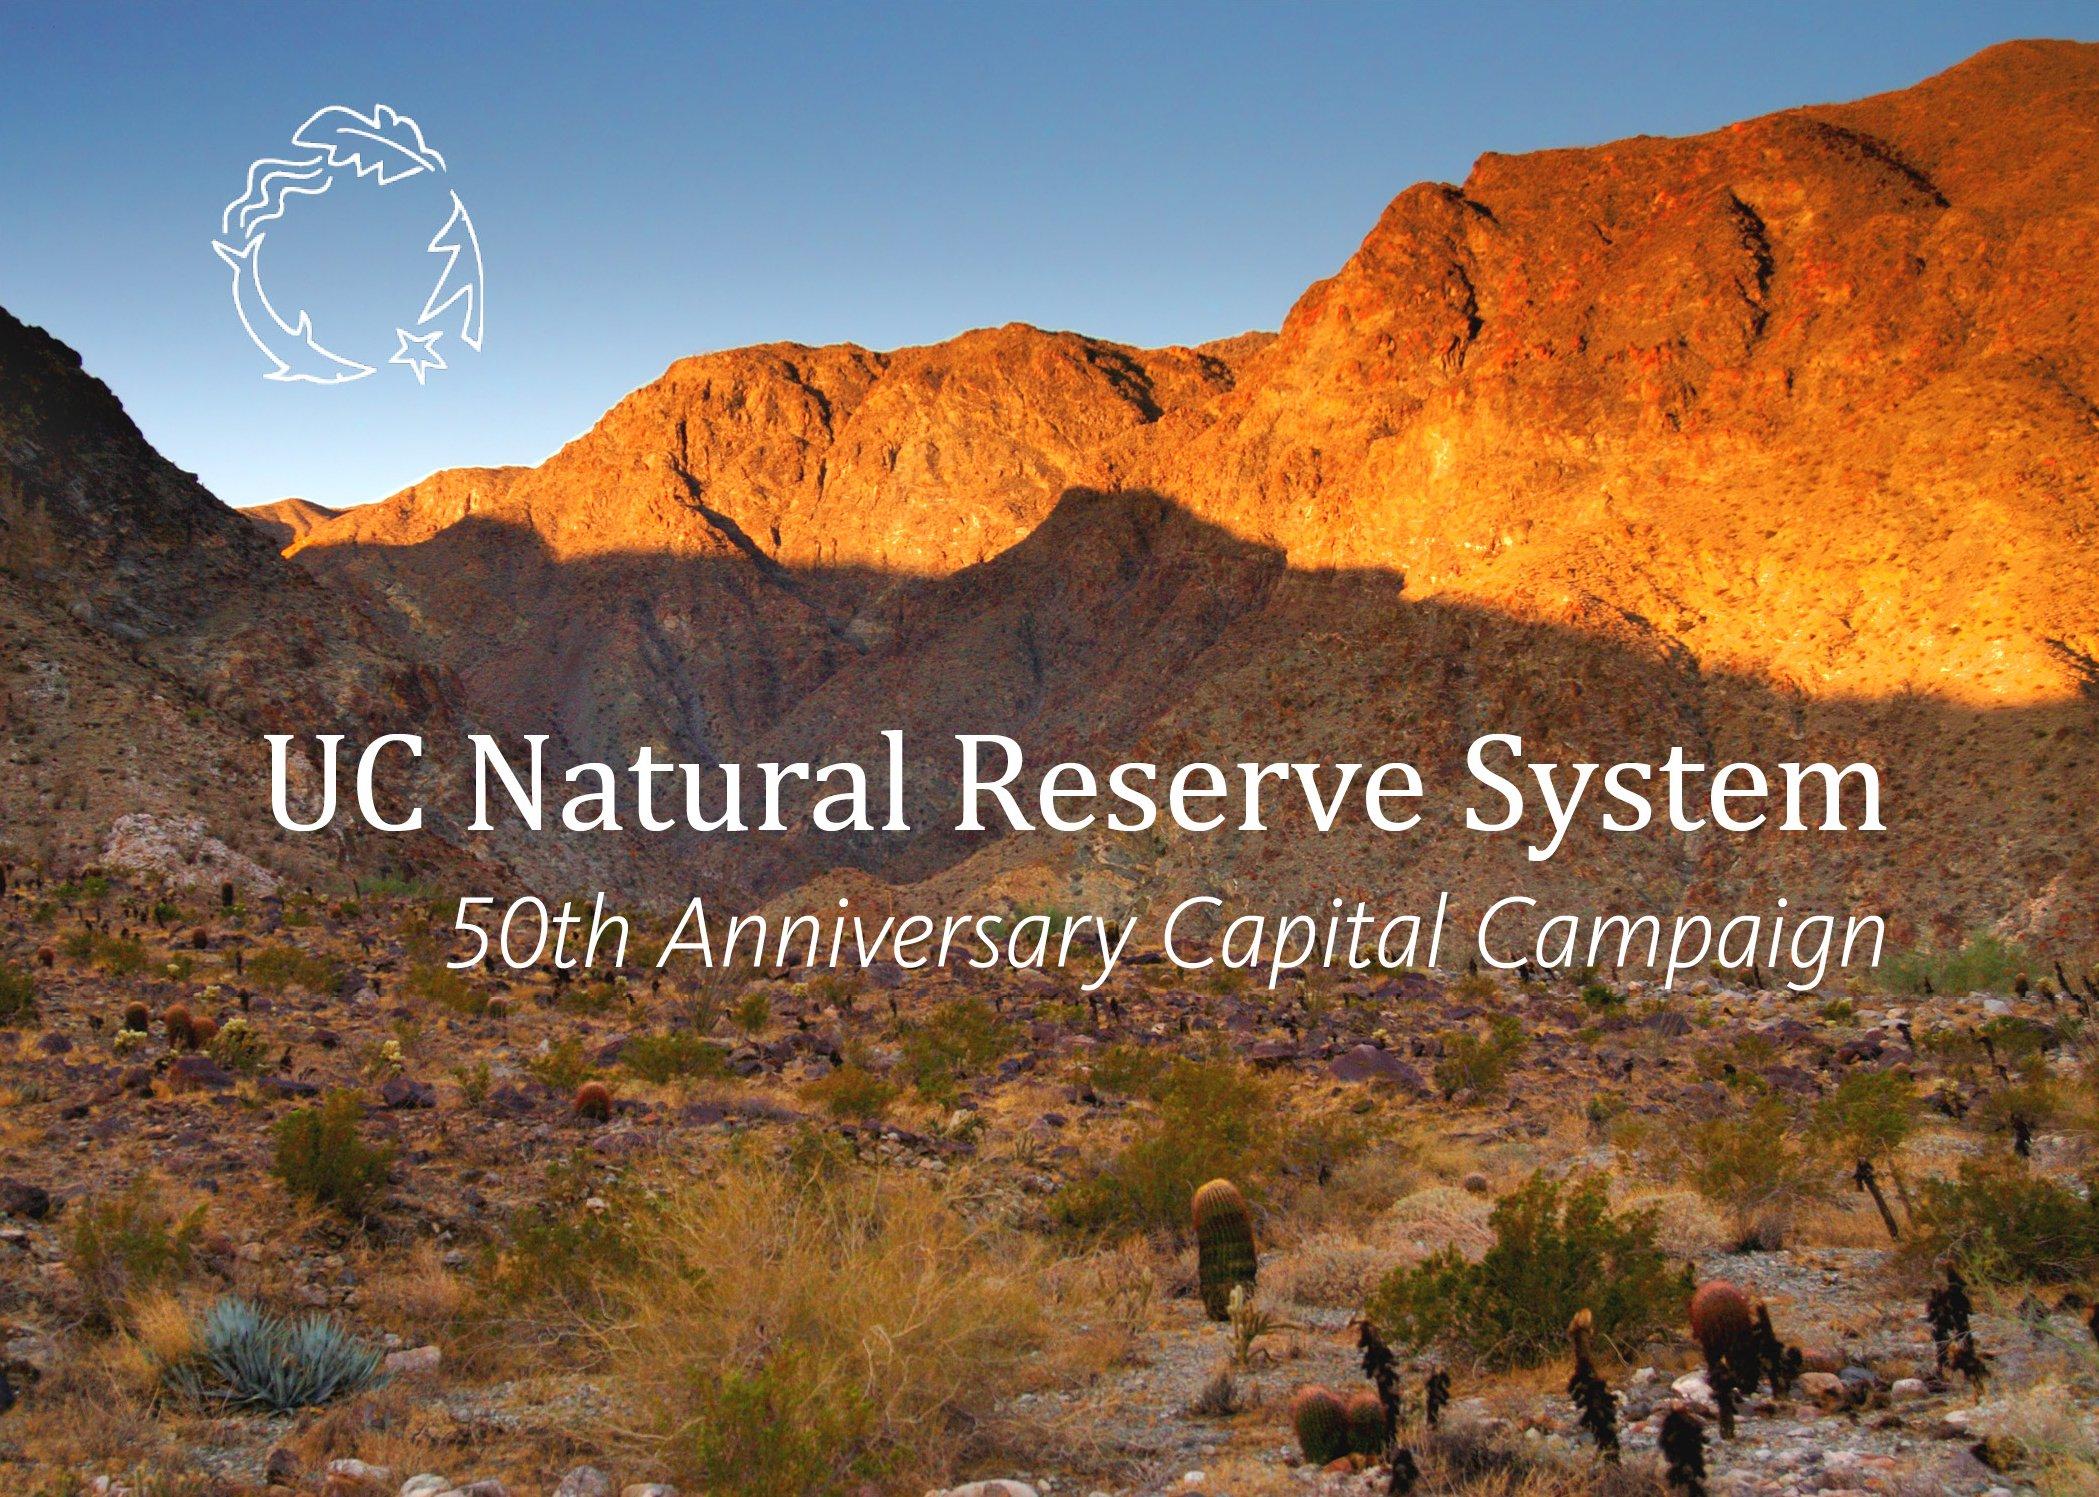 50th Anniversary Capital Campaign